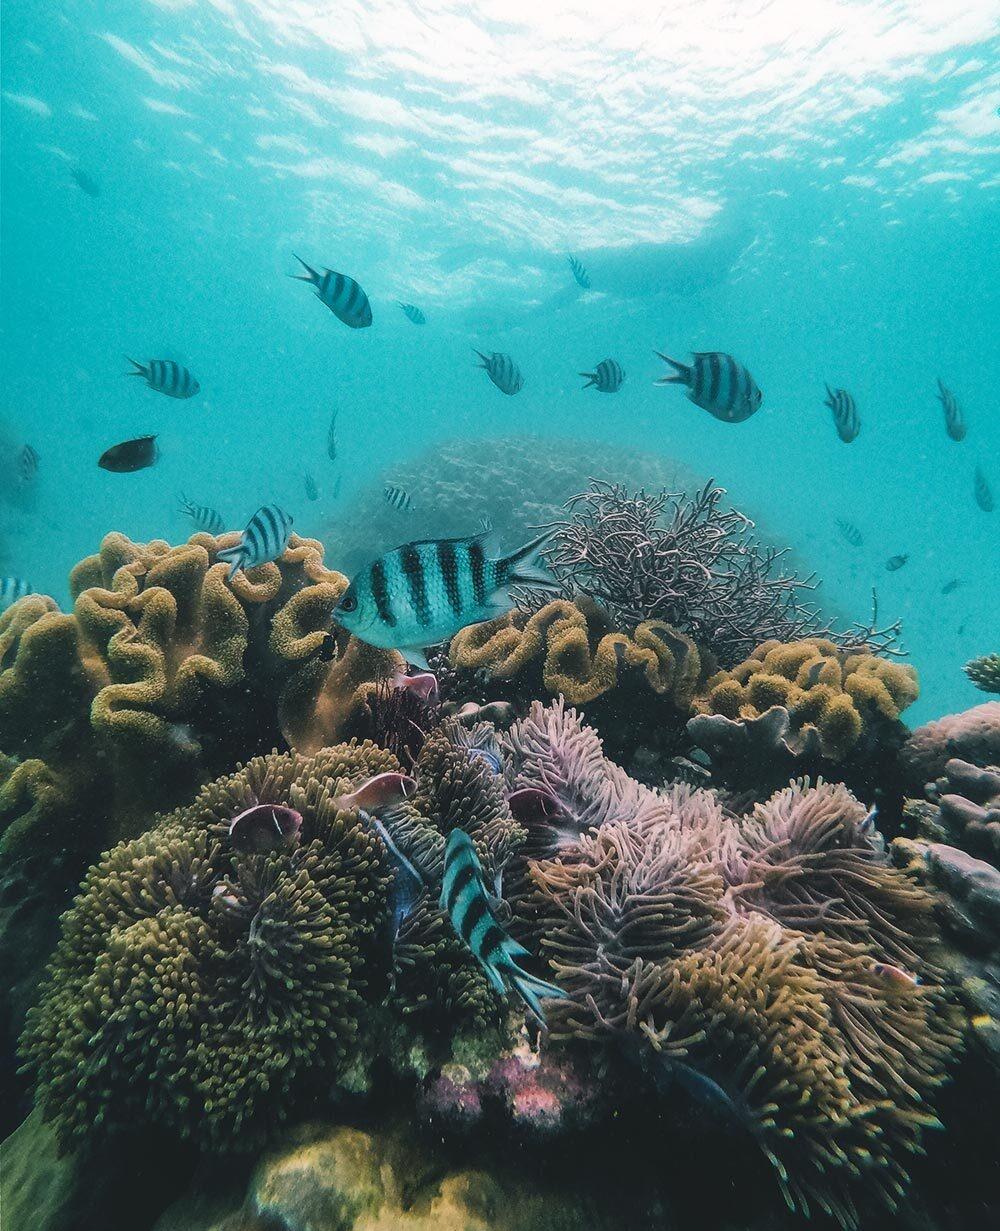 - Alexx_Hayward_1590393006 - Trải nghiệm lặn biển ngắm san hô trên đảo ngọc Phú Quốc